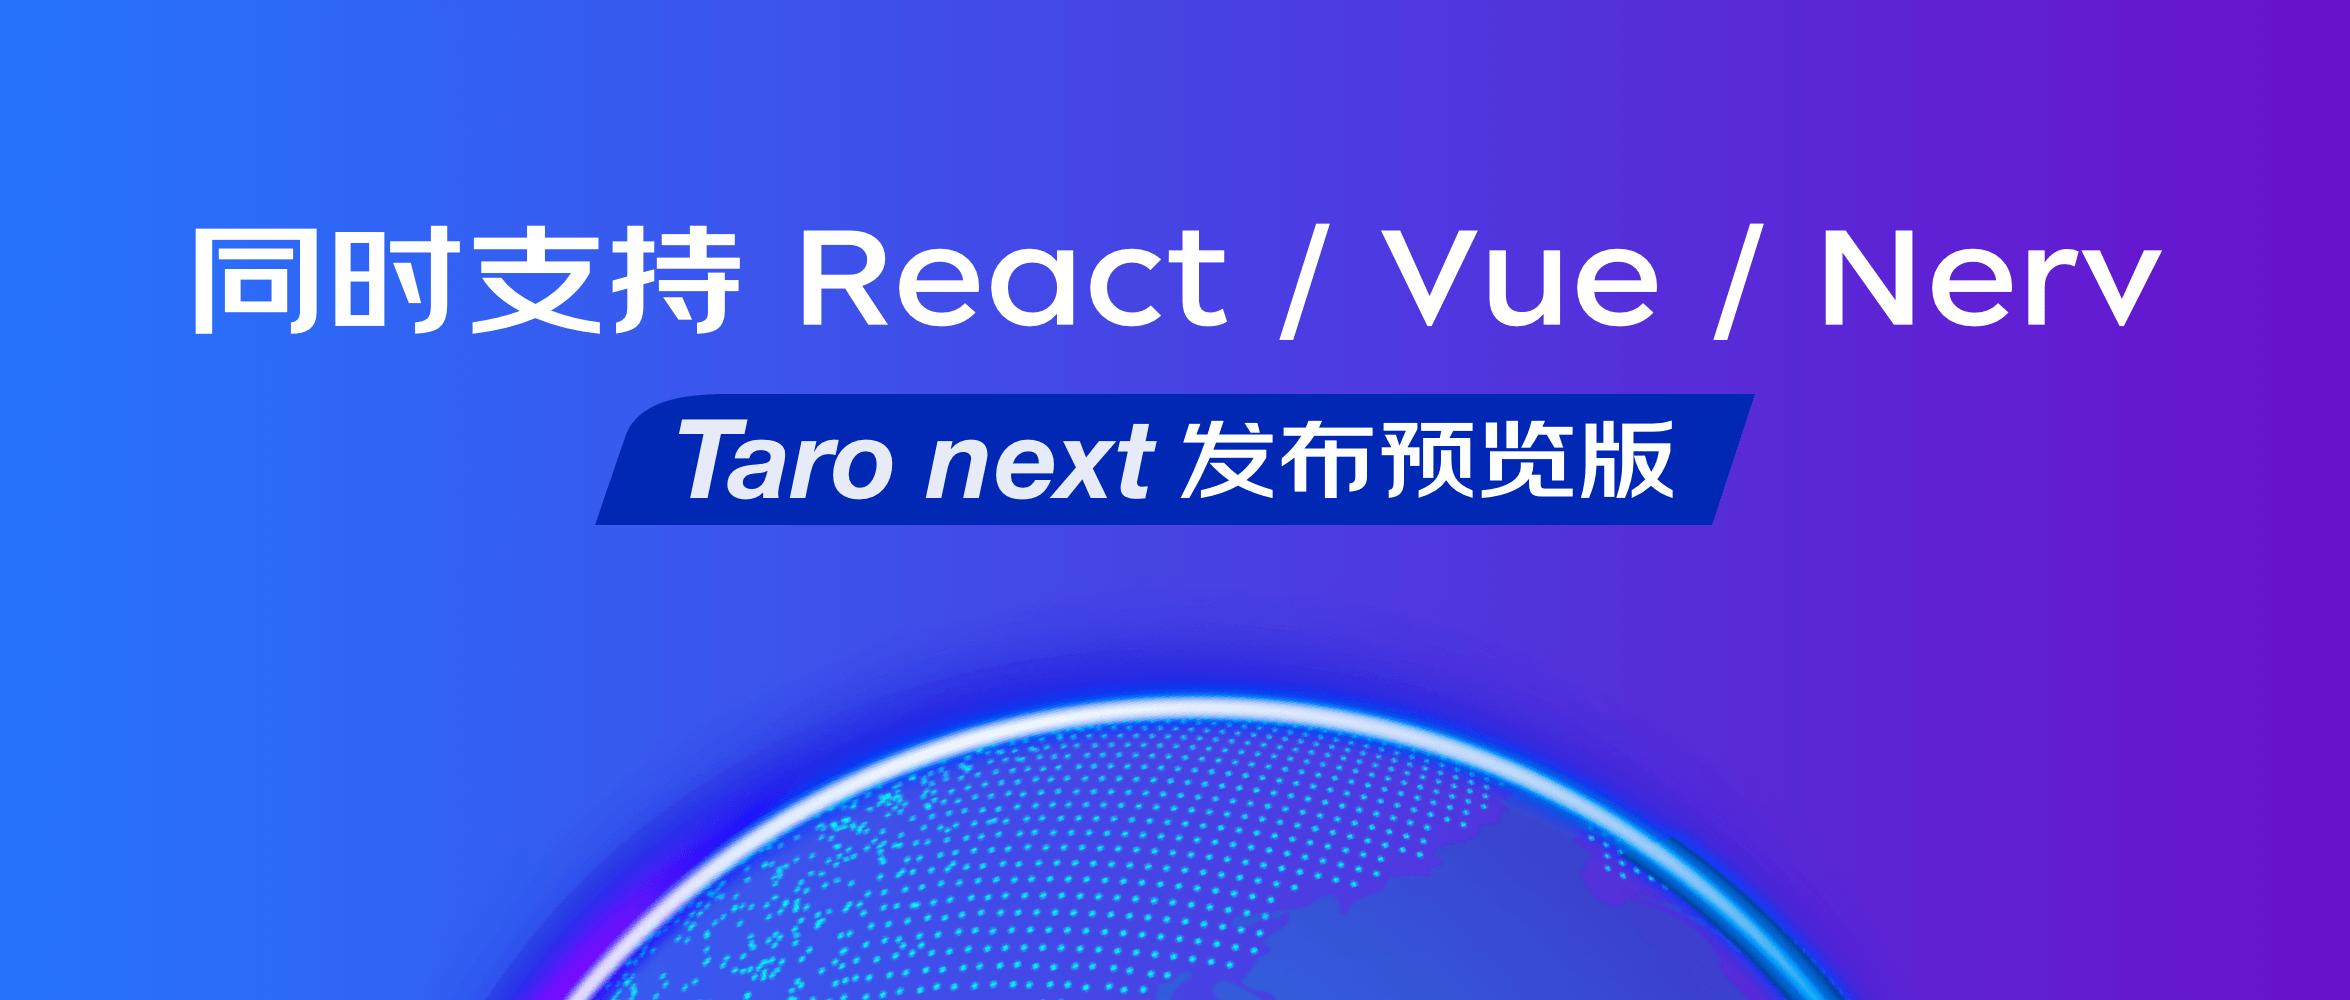 Taro next.png